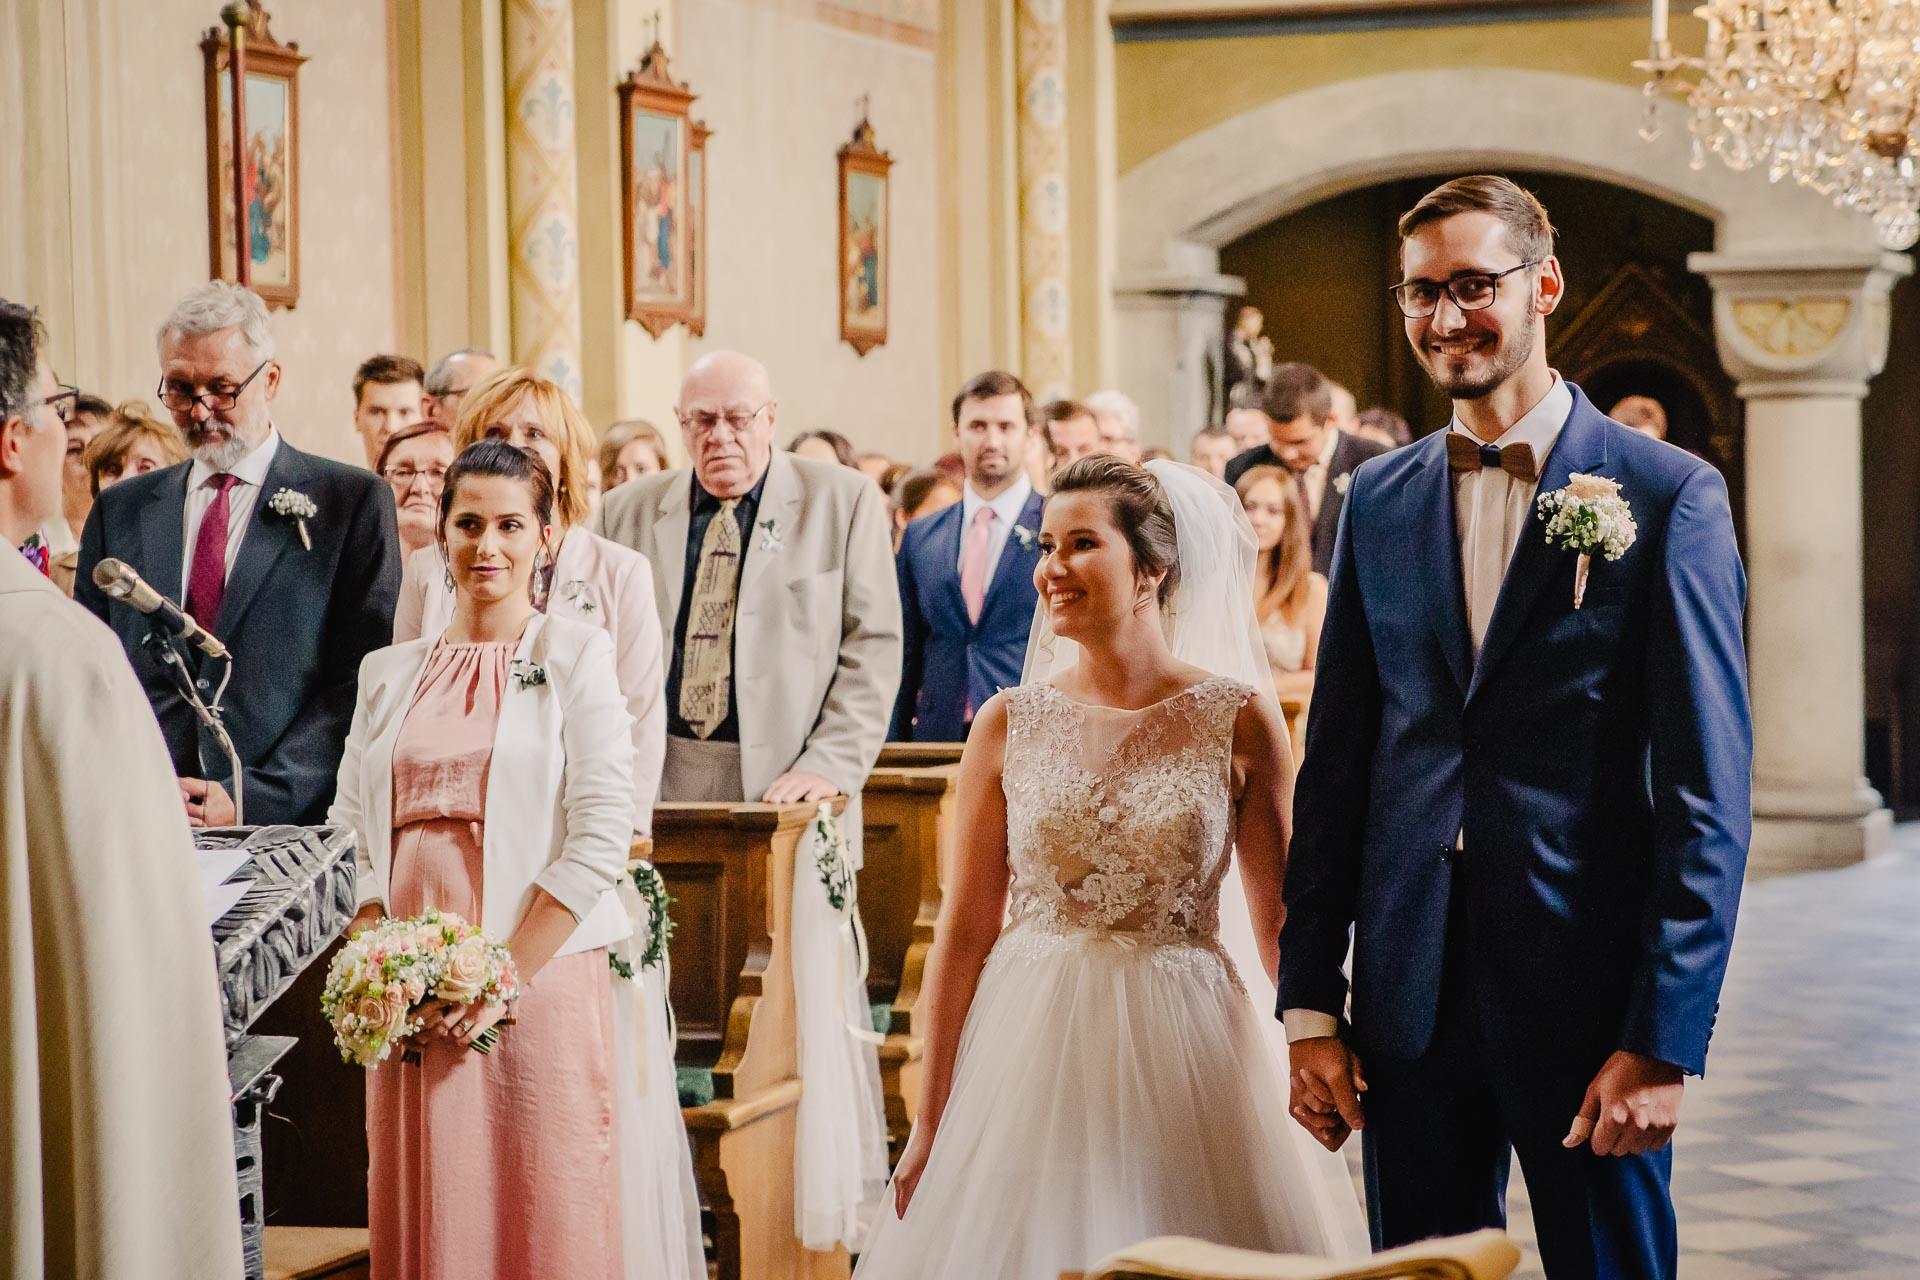 svatební fotograf Praha,svatba střední čechy, církevní obřad, svatba v kostele, nejhezčí svatební fotografie-2254